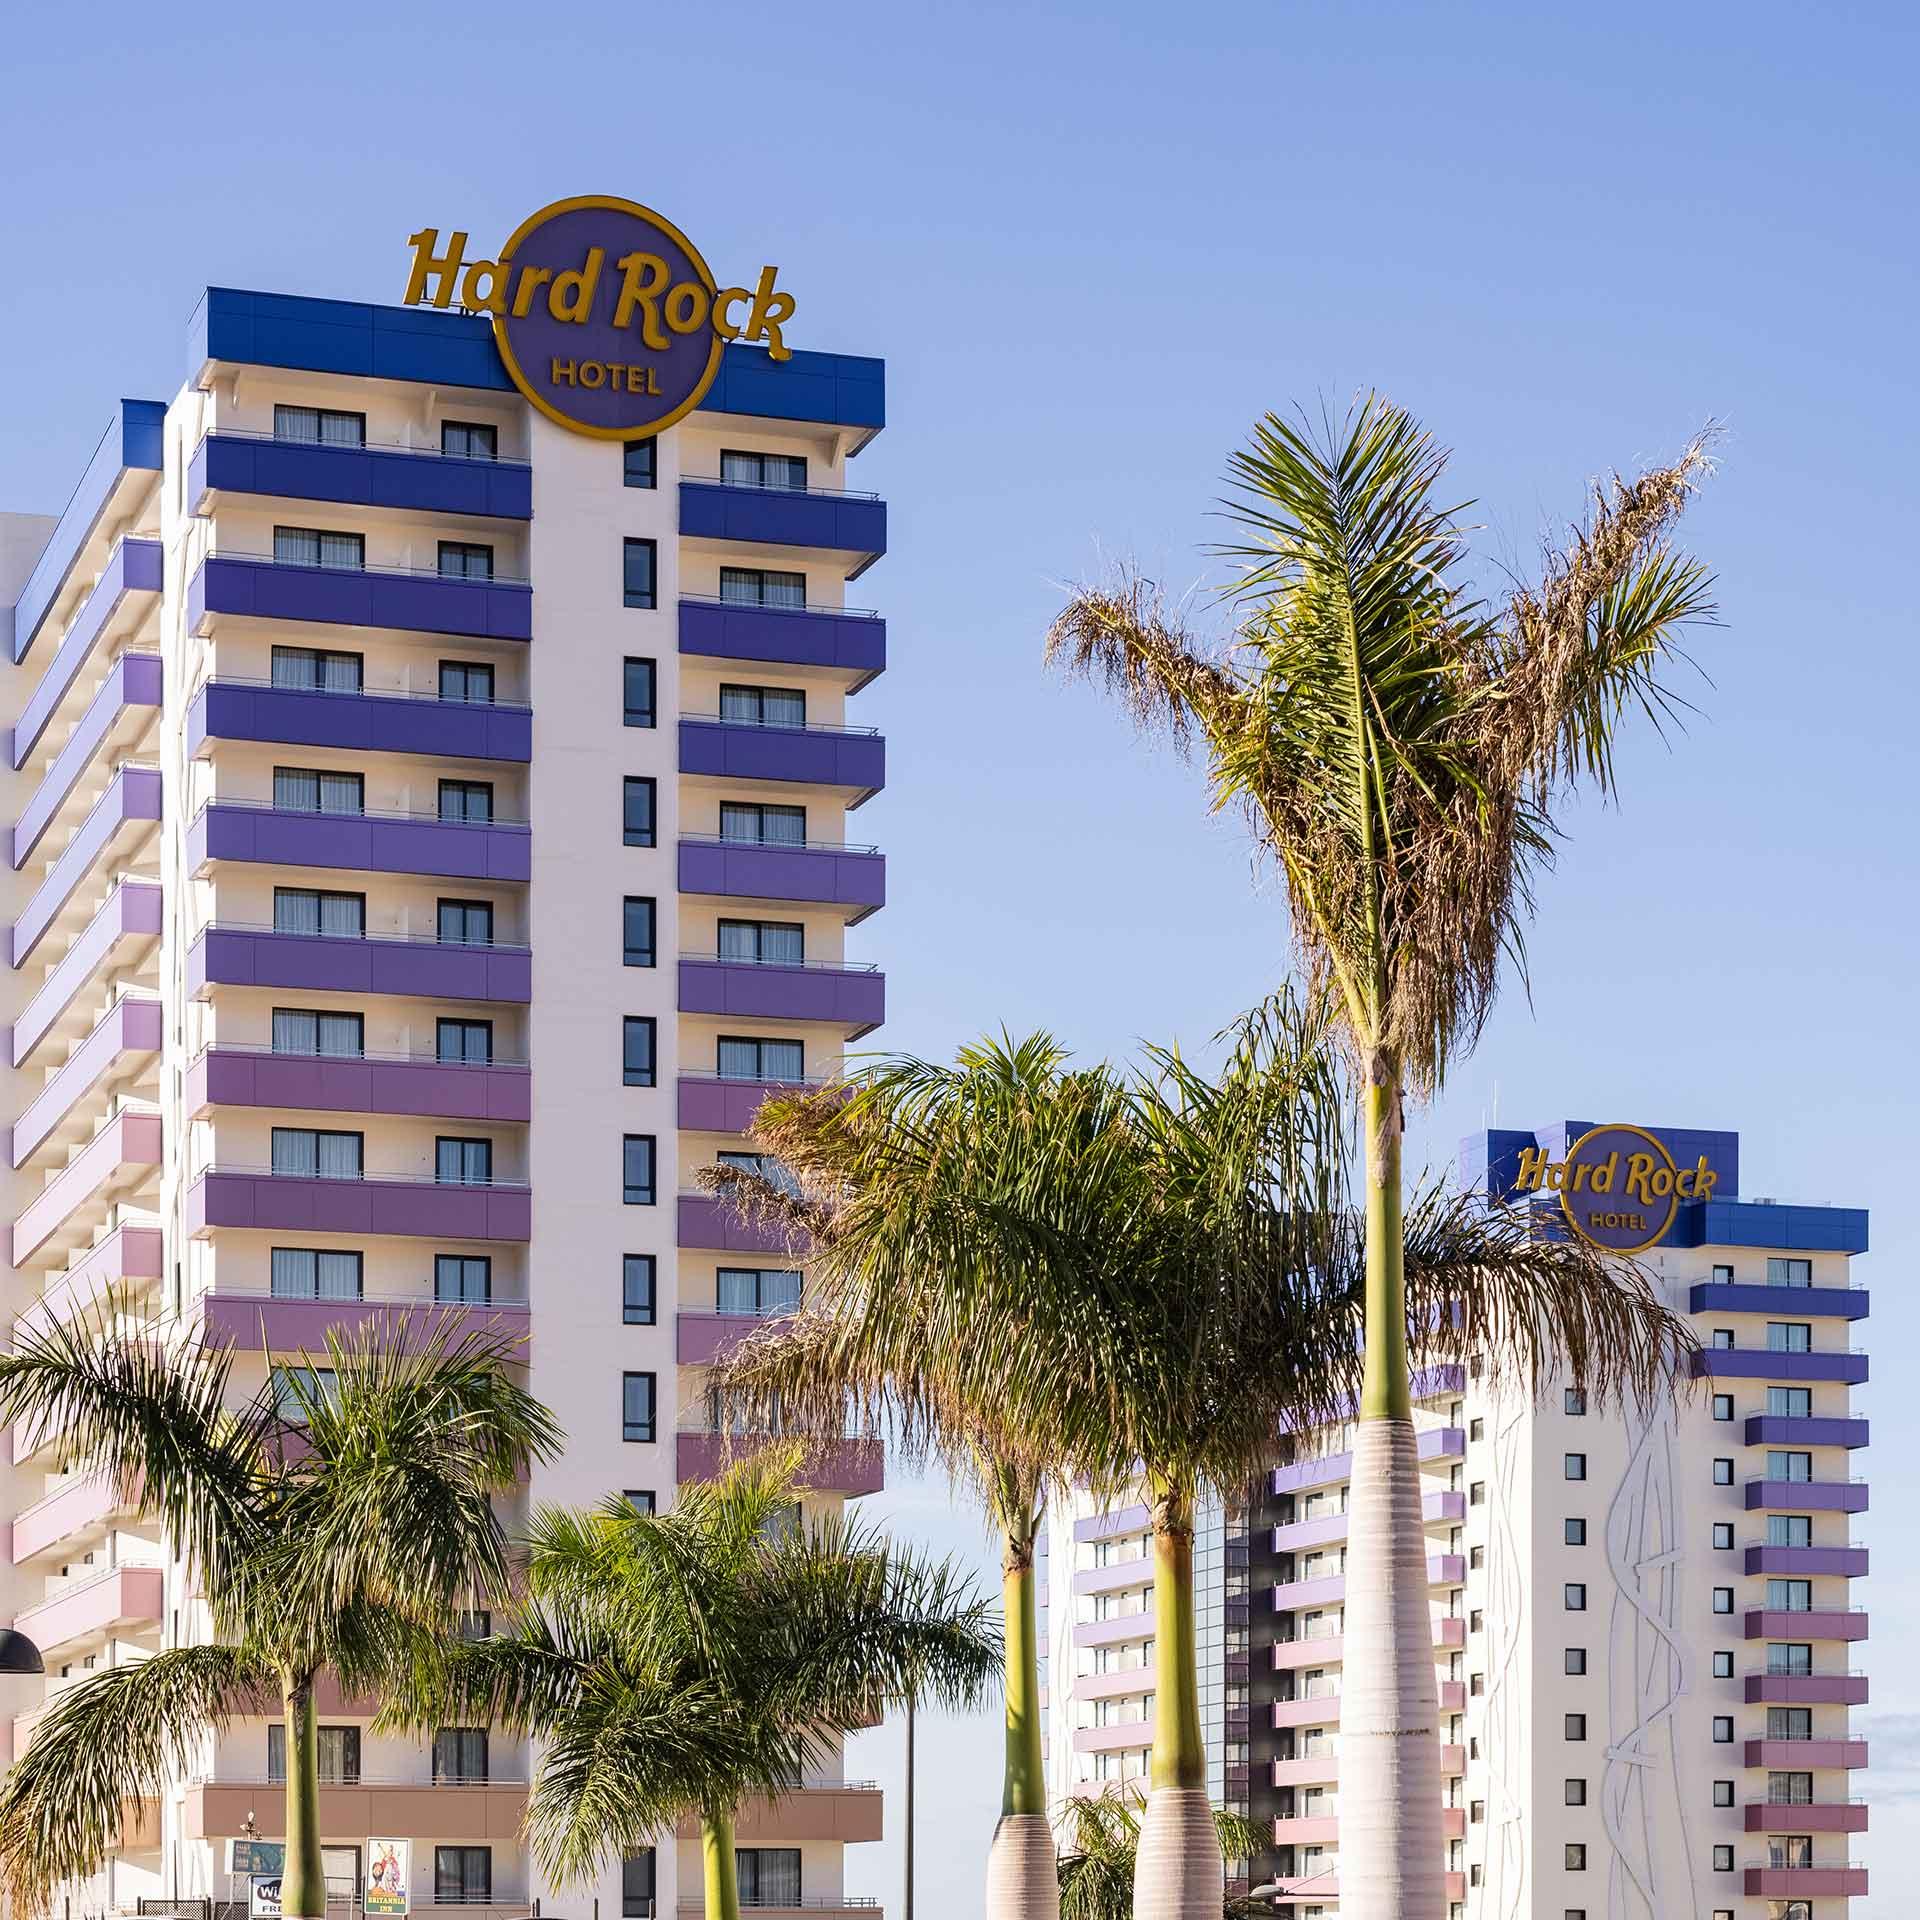 Reforma Hotel Hard Rock - Hormigones TAUCE